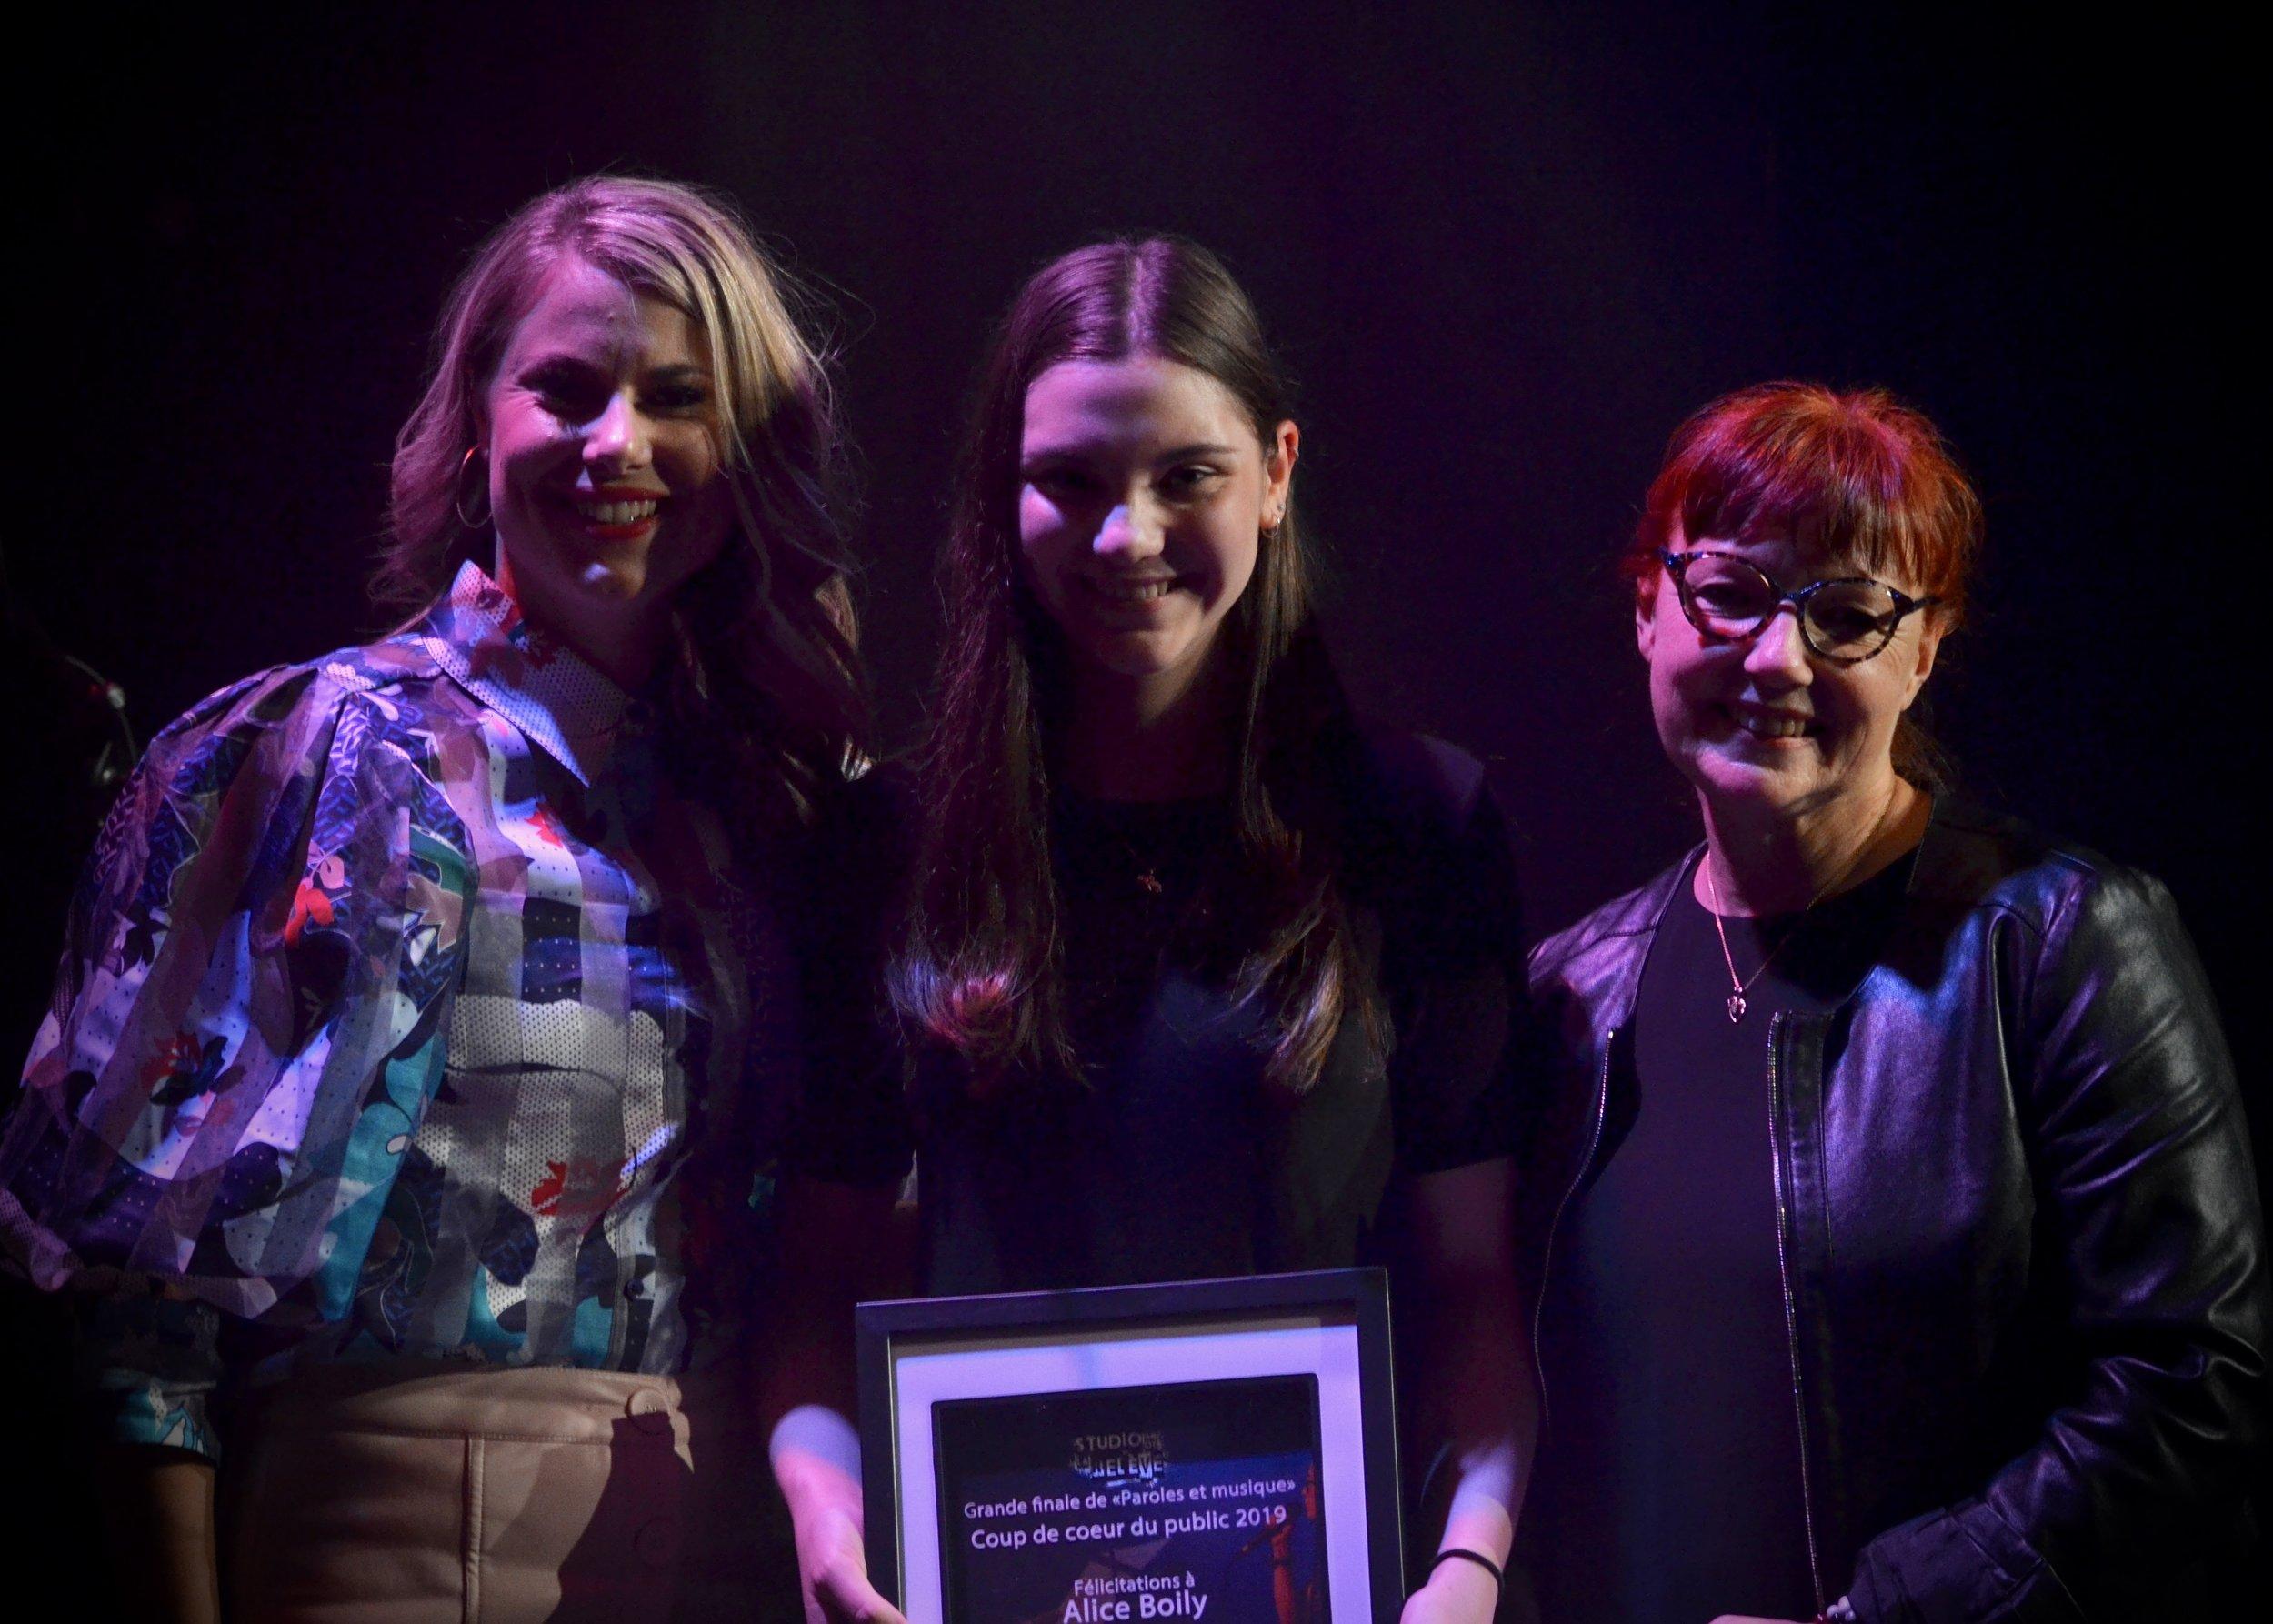 Alice Boily, Auteure du texte Libère-moi. Prix remis par Mme Monique Mekkelholt, enseignante à la Polyvalente Ste-Thérèse